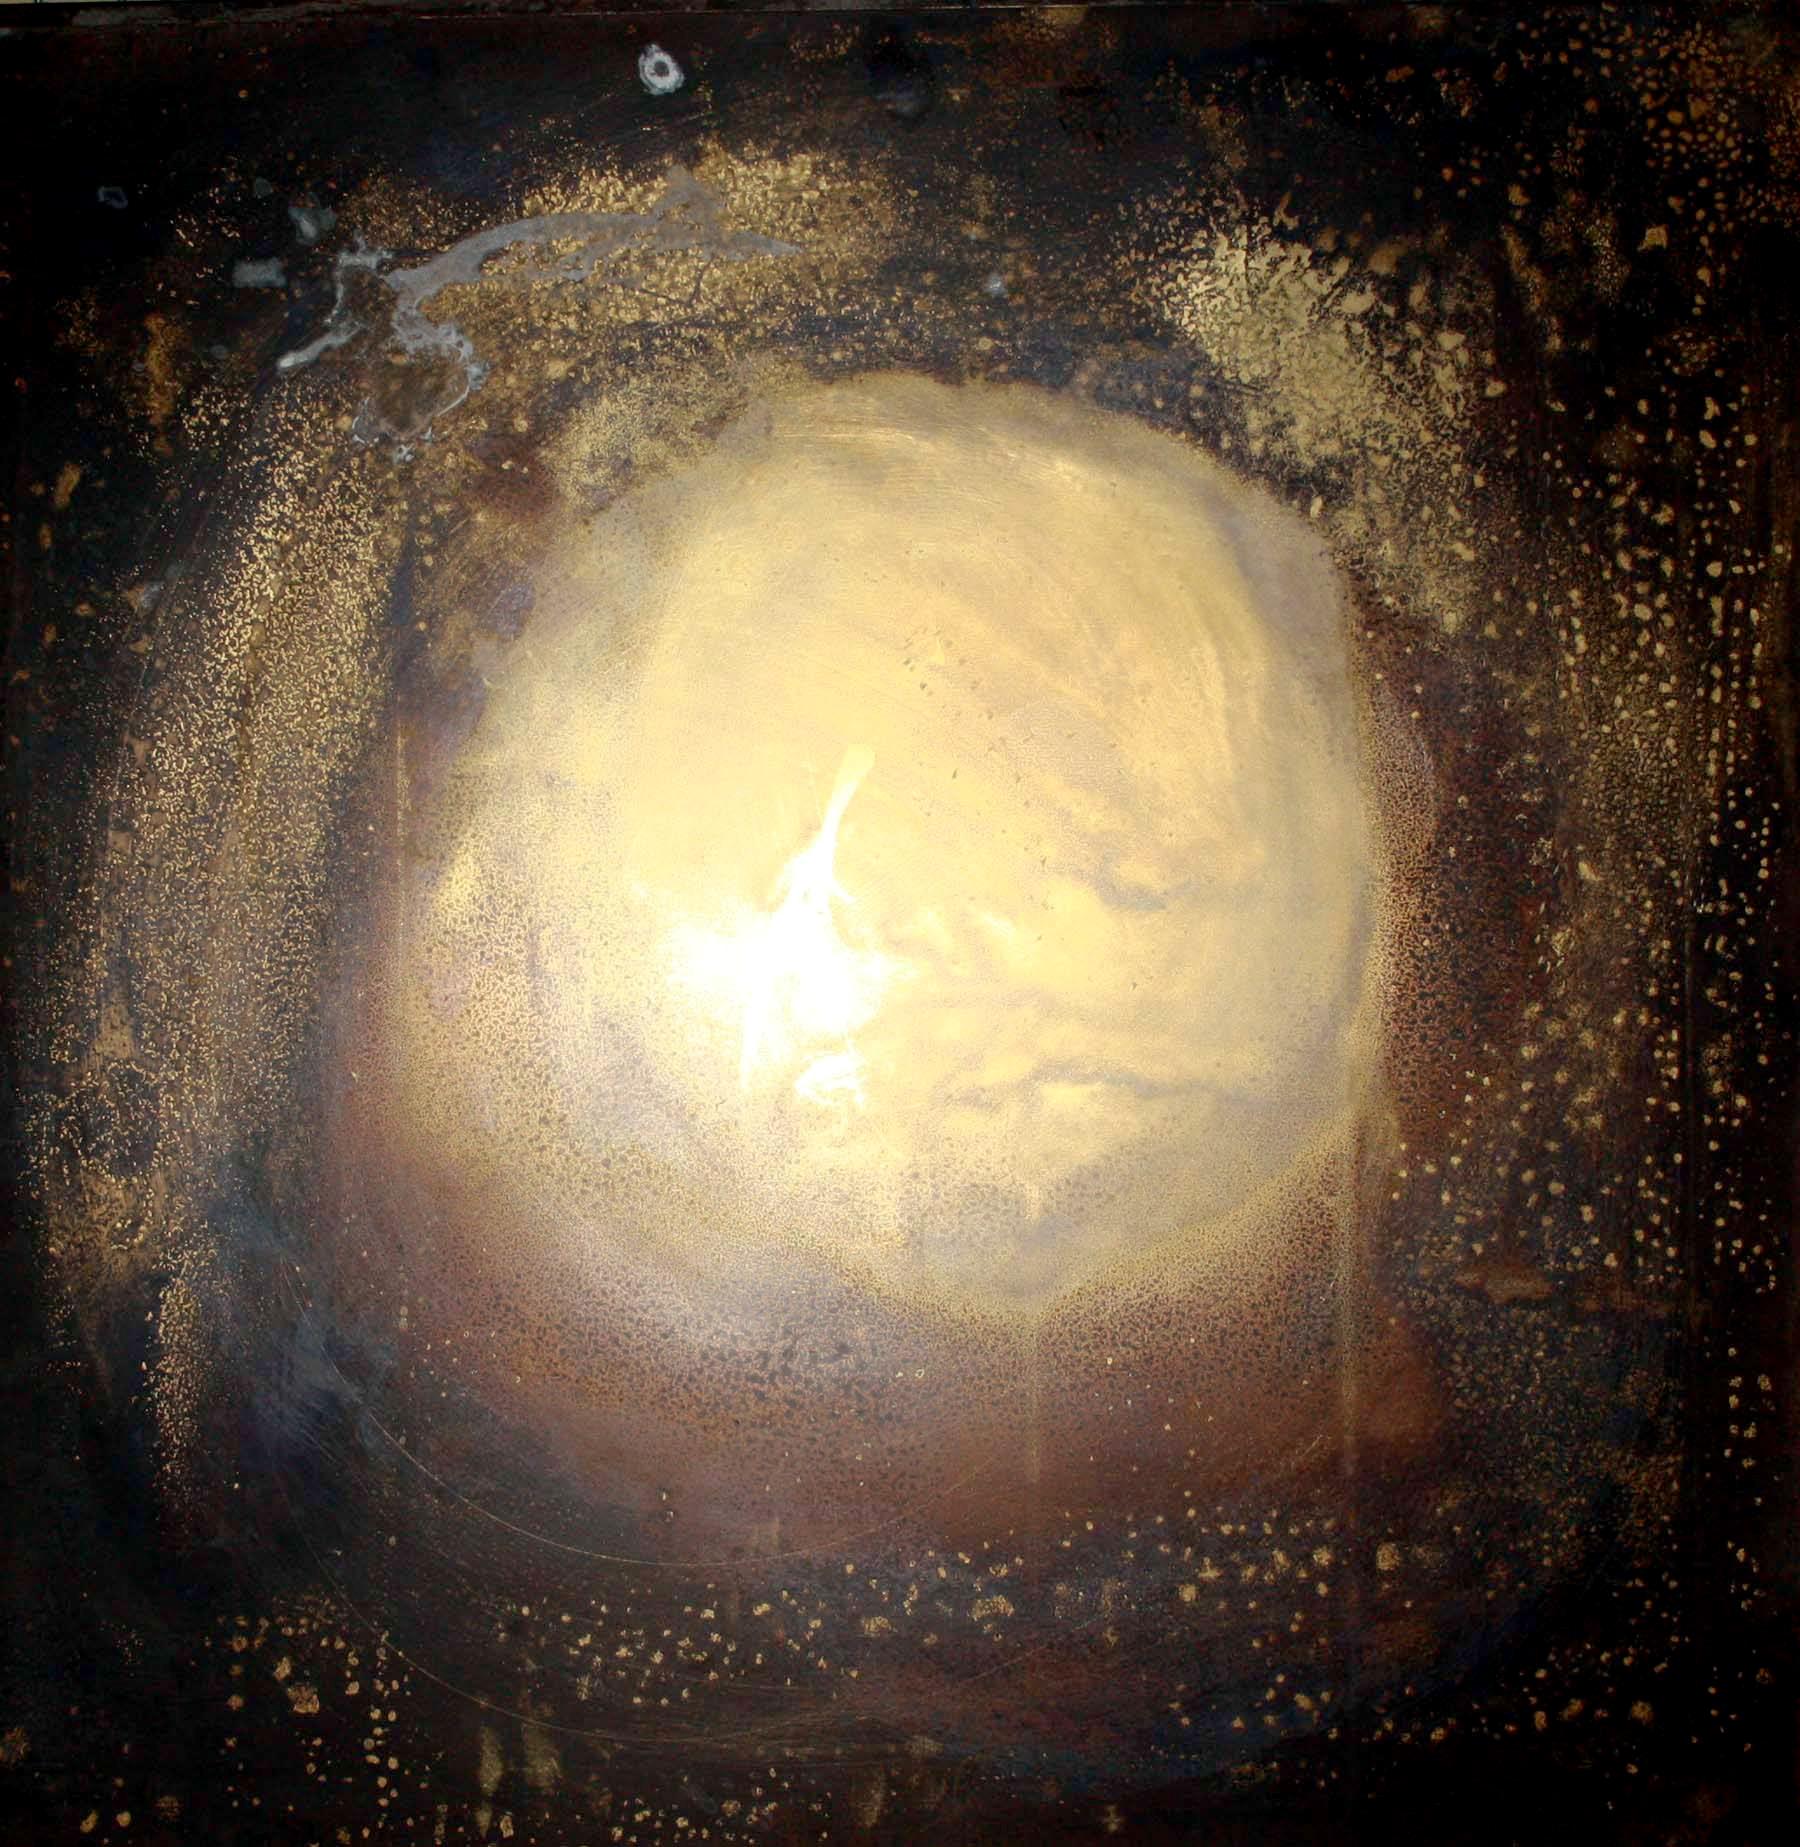 Arte Chimica dei Metalli - Acidatura su lastra di ottone polveri la supernova